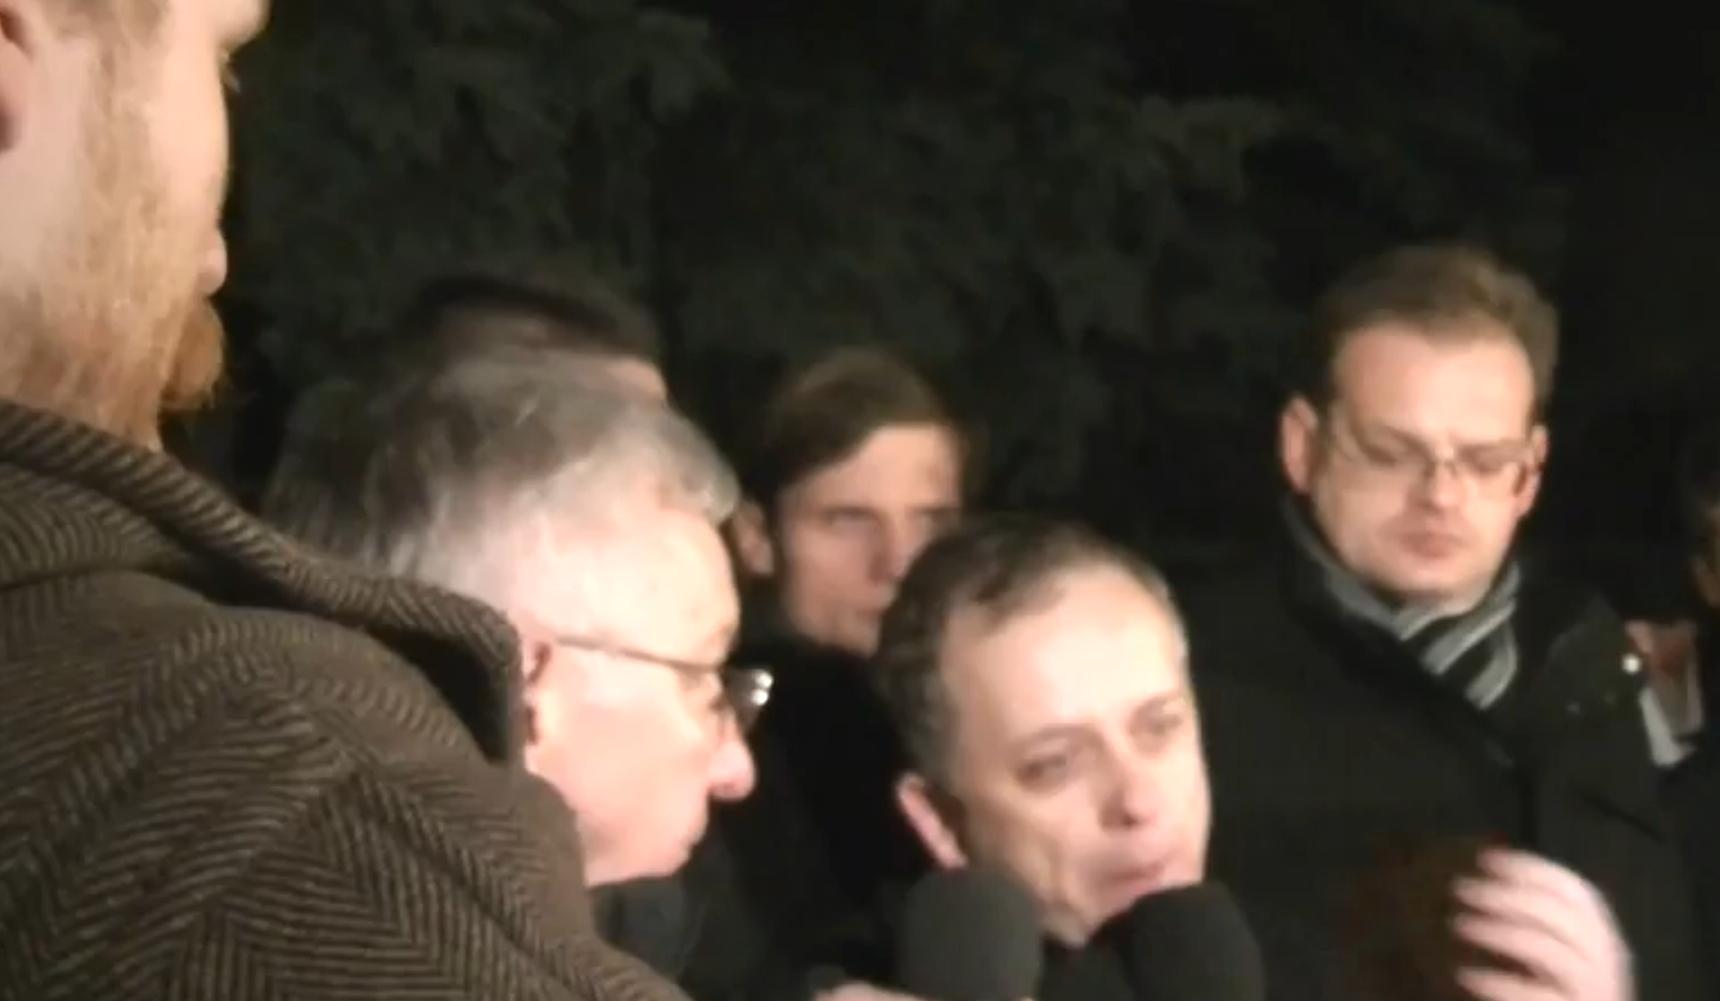 WOLNY CZYN: 12/13 grudnia – Pikieta przeciw Jaruzelskiemu FILM